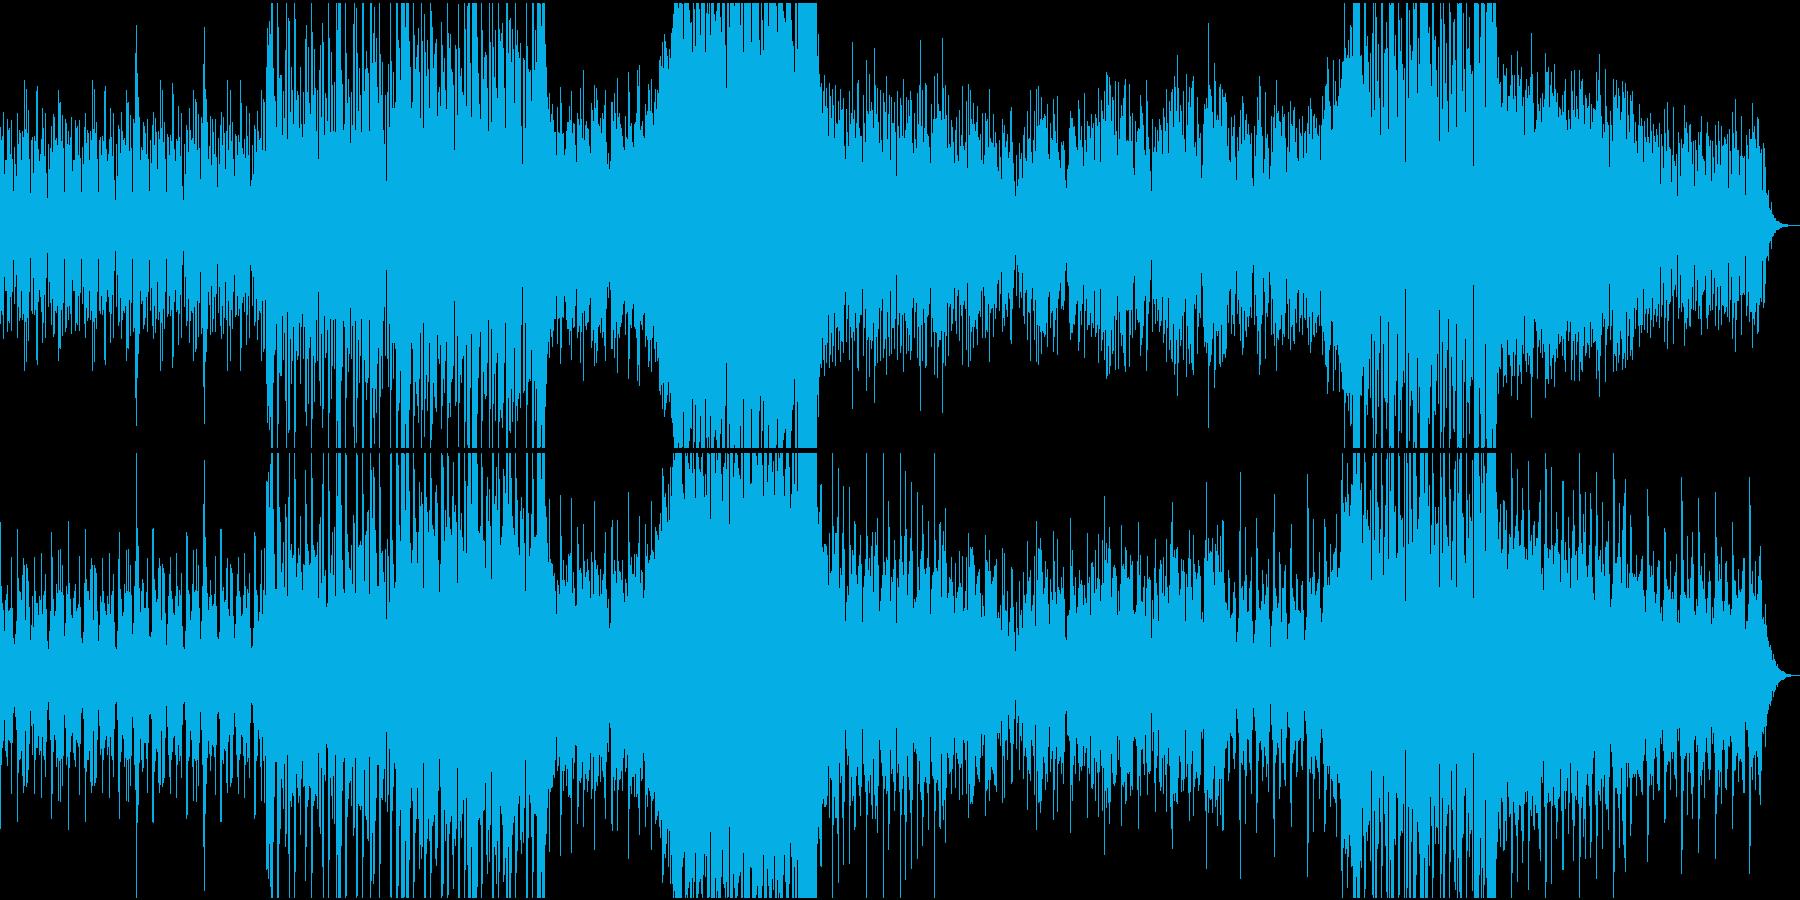 ゆったり3拍子のニューエイジミュージックの再生済みの波形